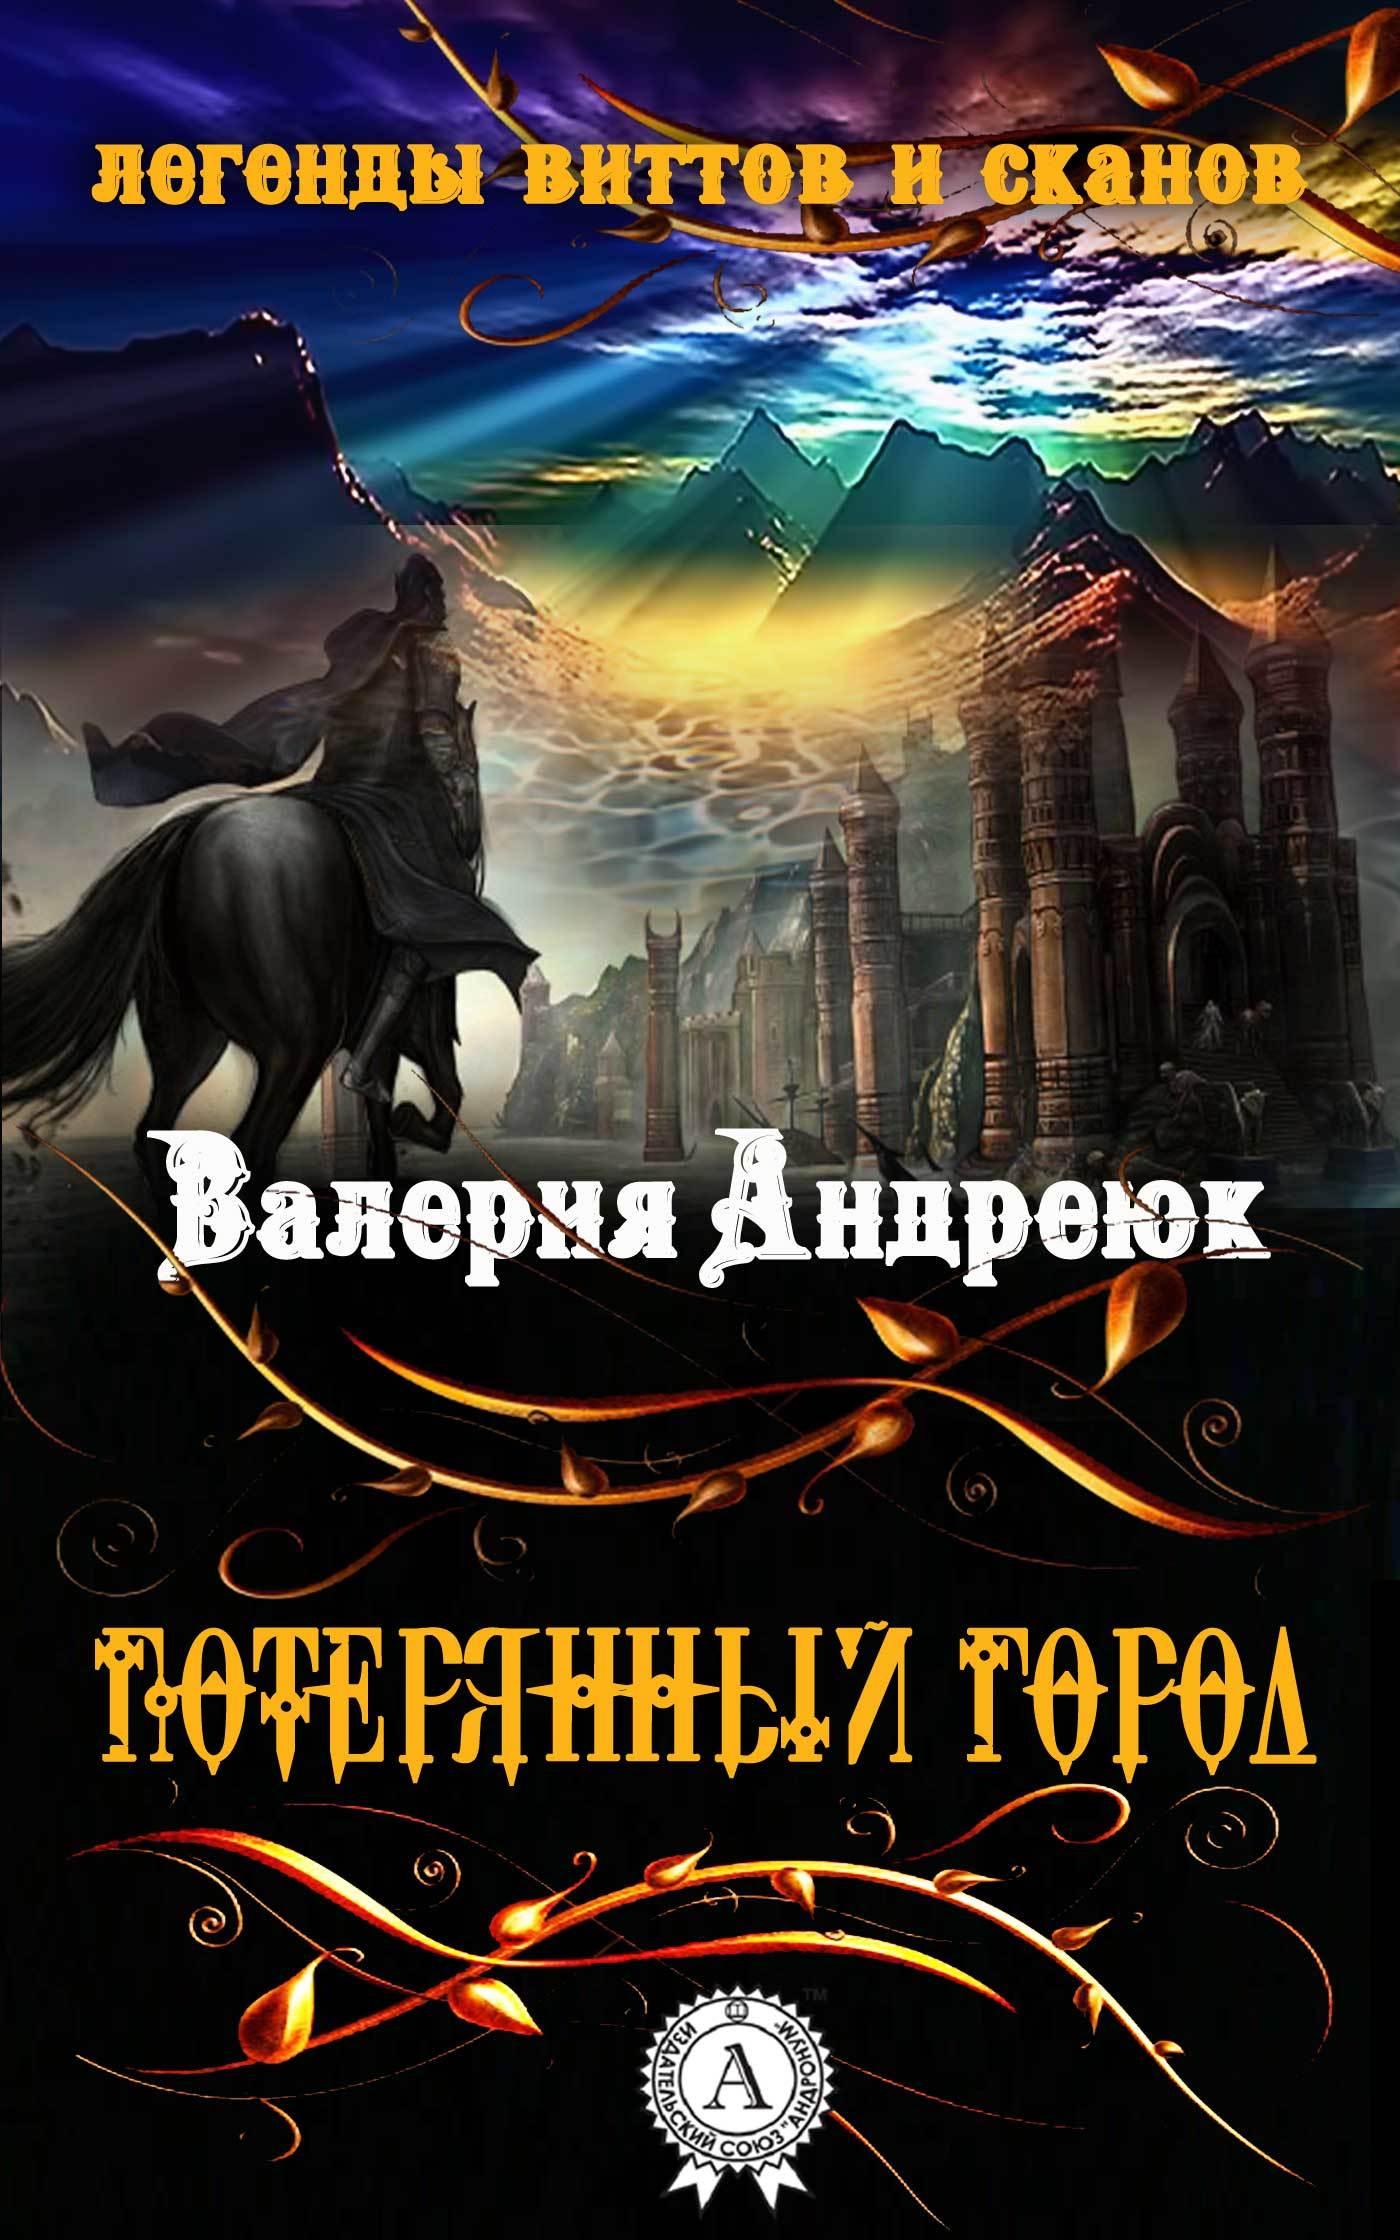 Валерия Андреюк Потерянный город капельный полив цена 2012 года купить город днепропетровск украина